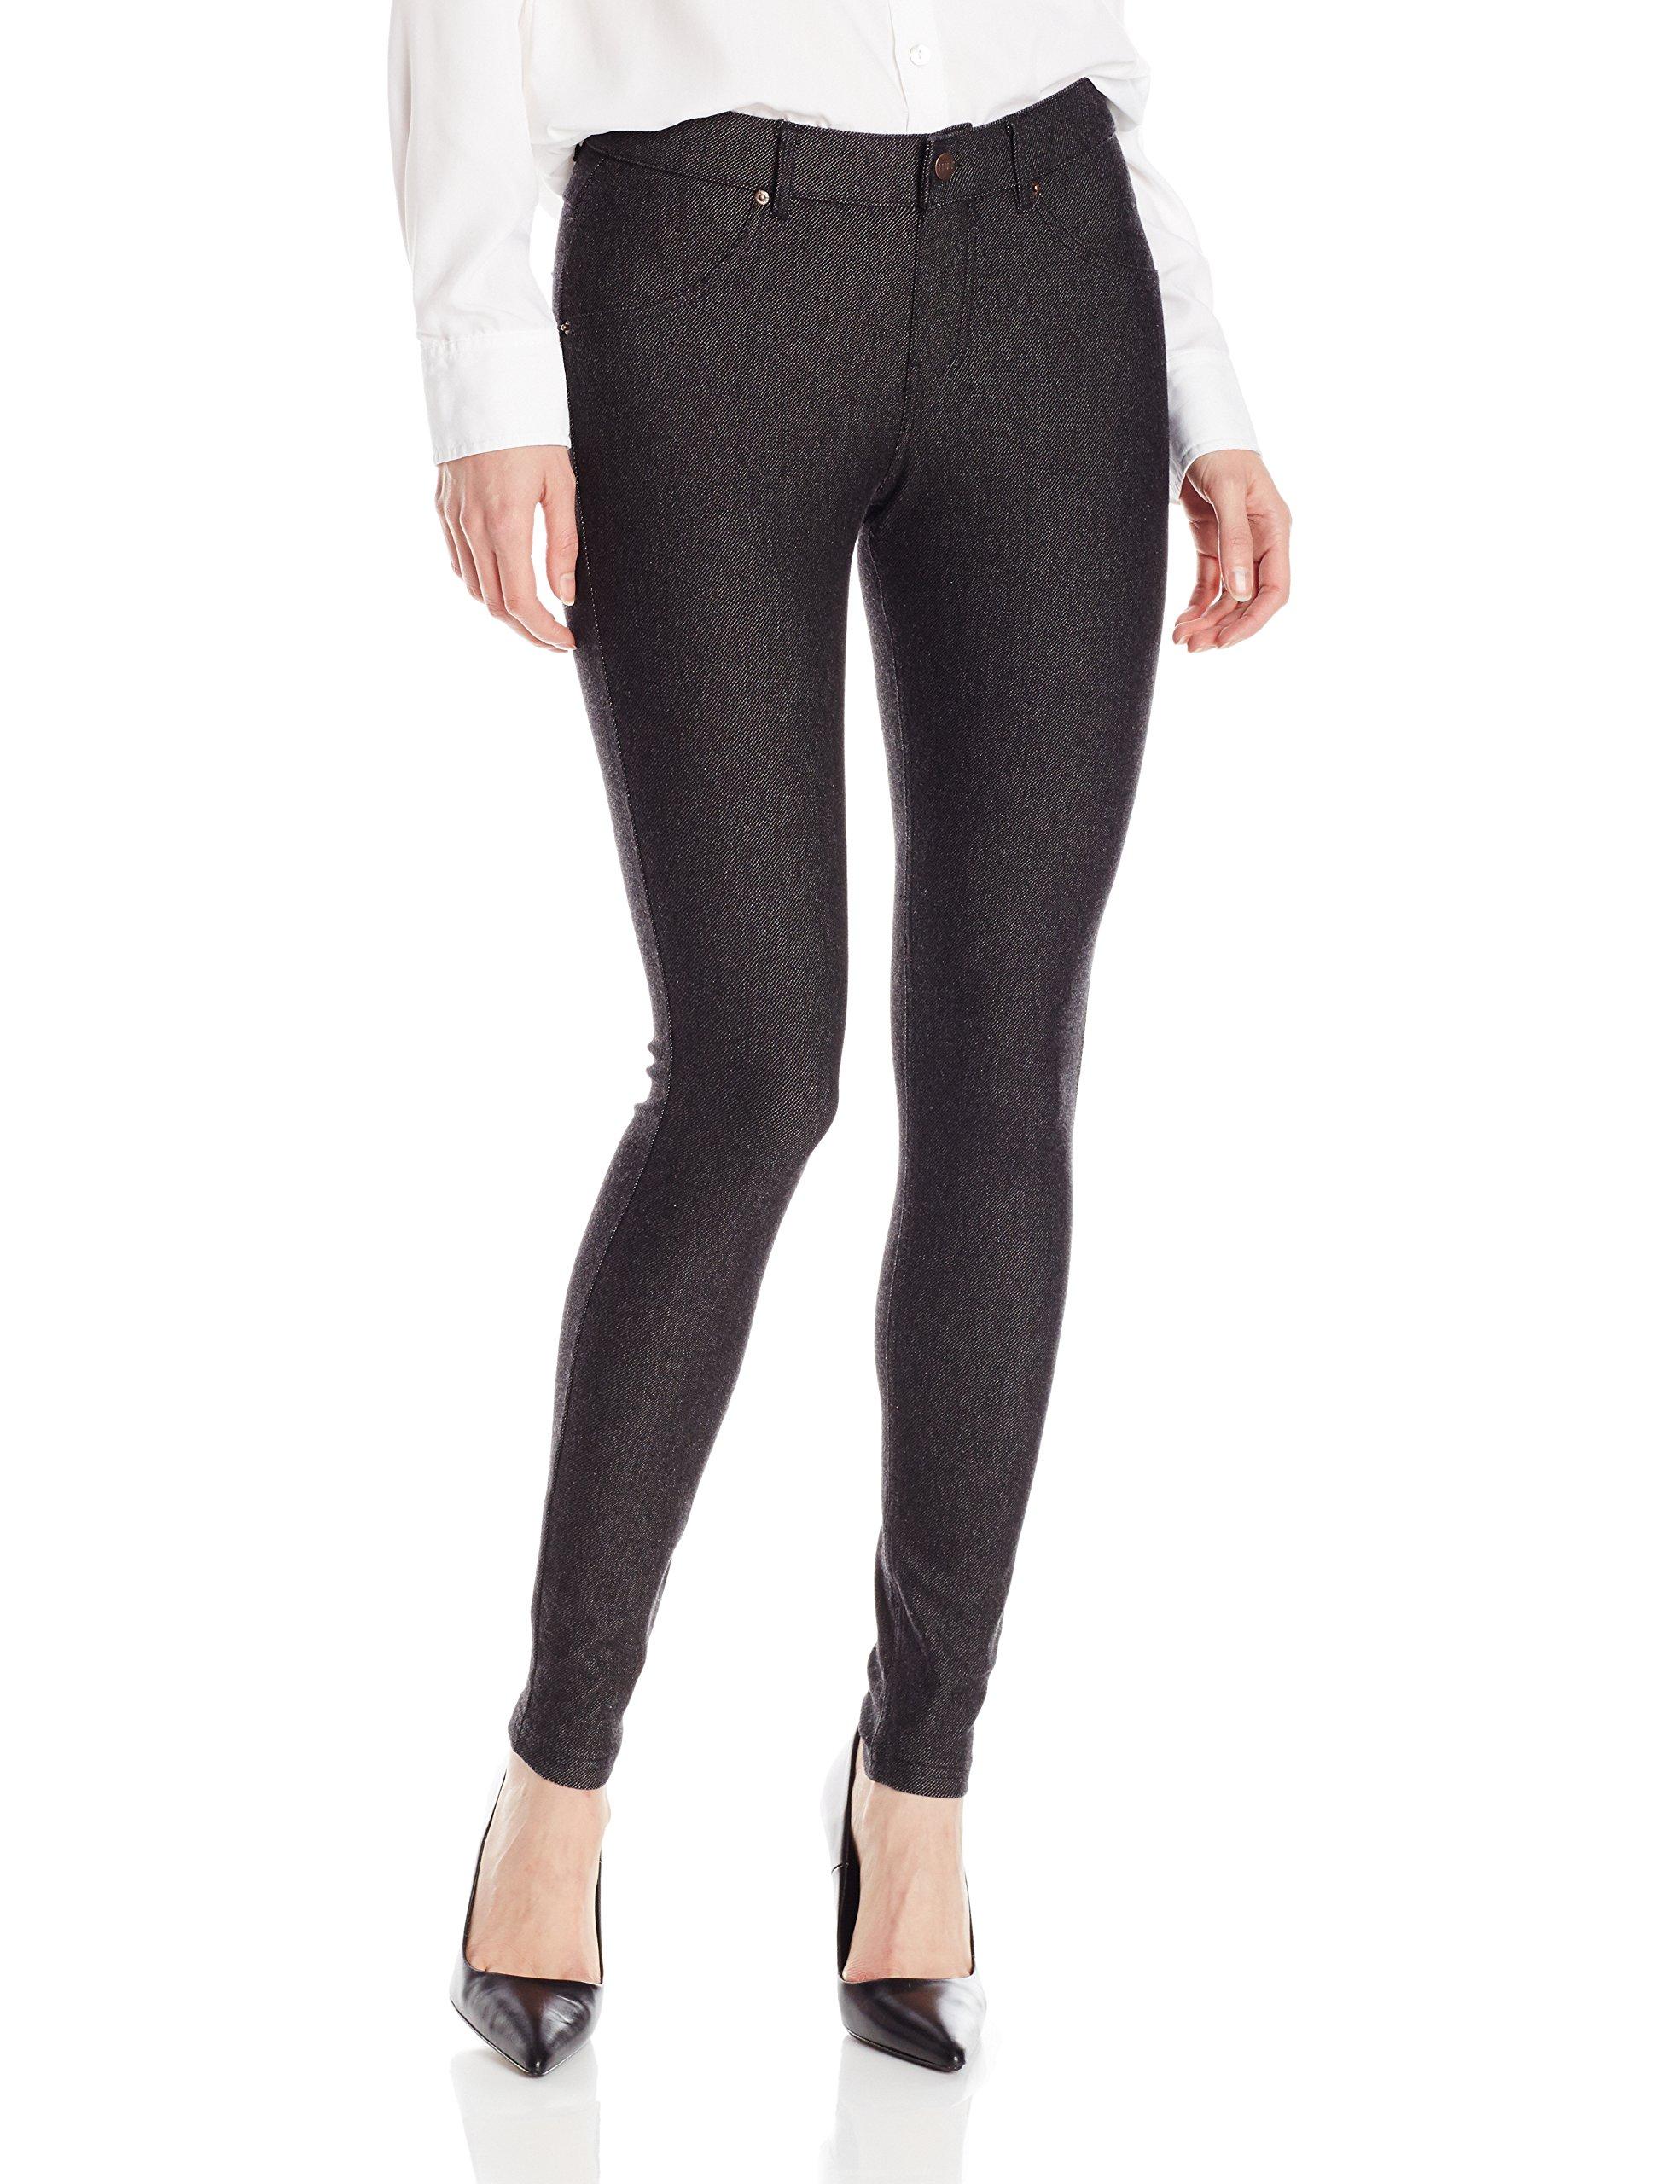 HUE Women's Essential Denim Skimmer Leggings, Black, Large